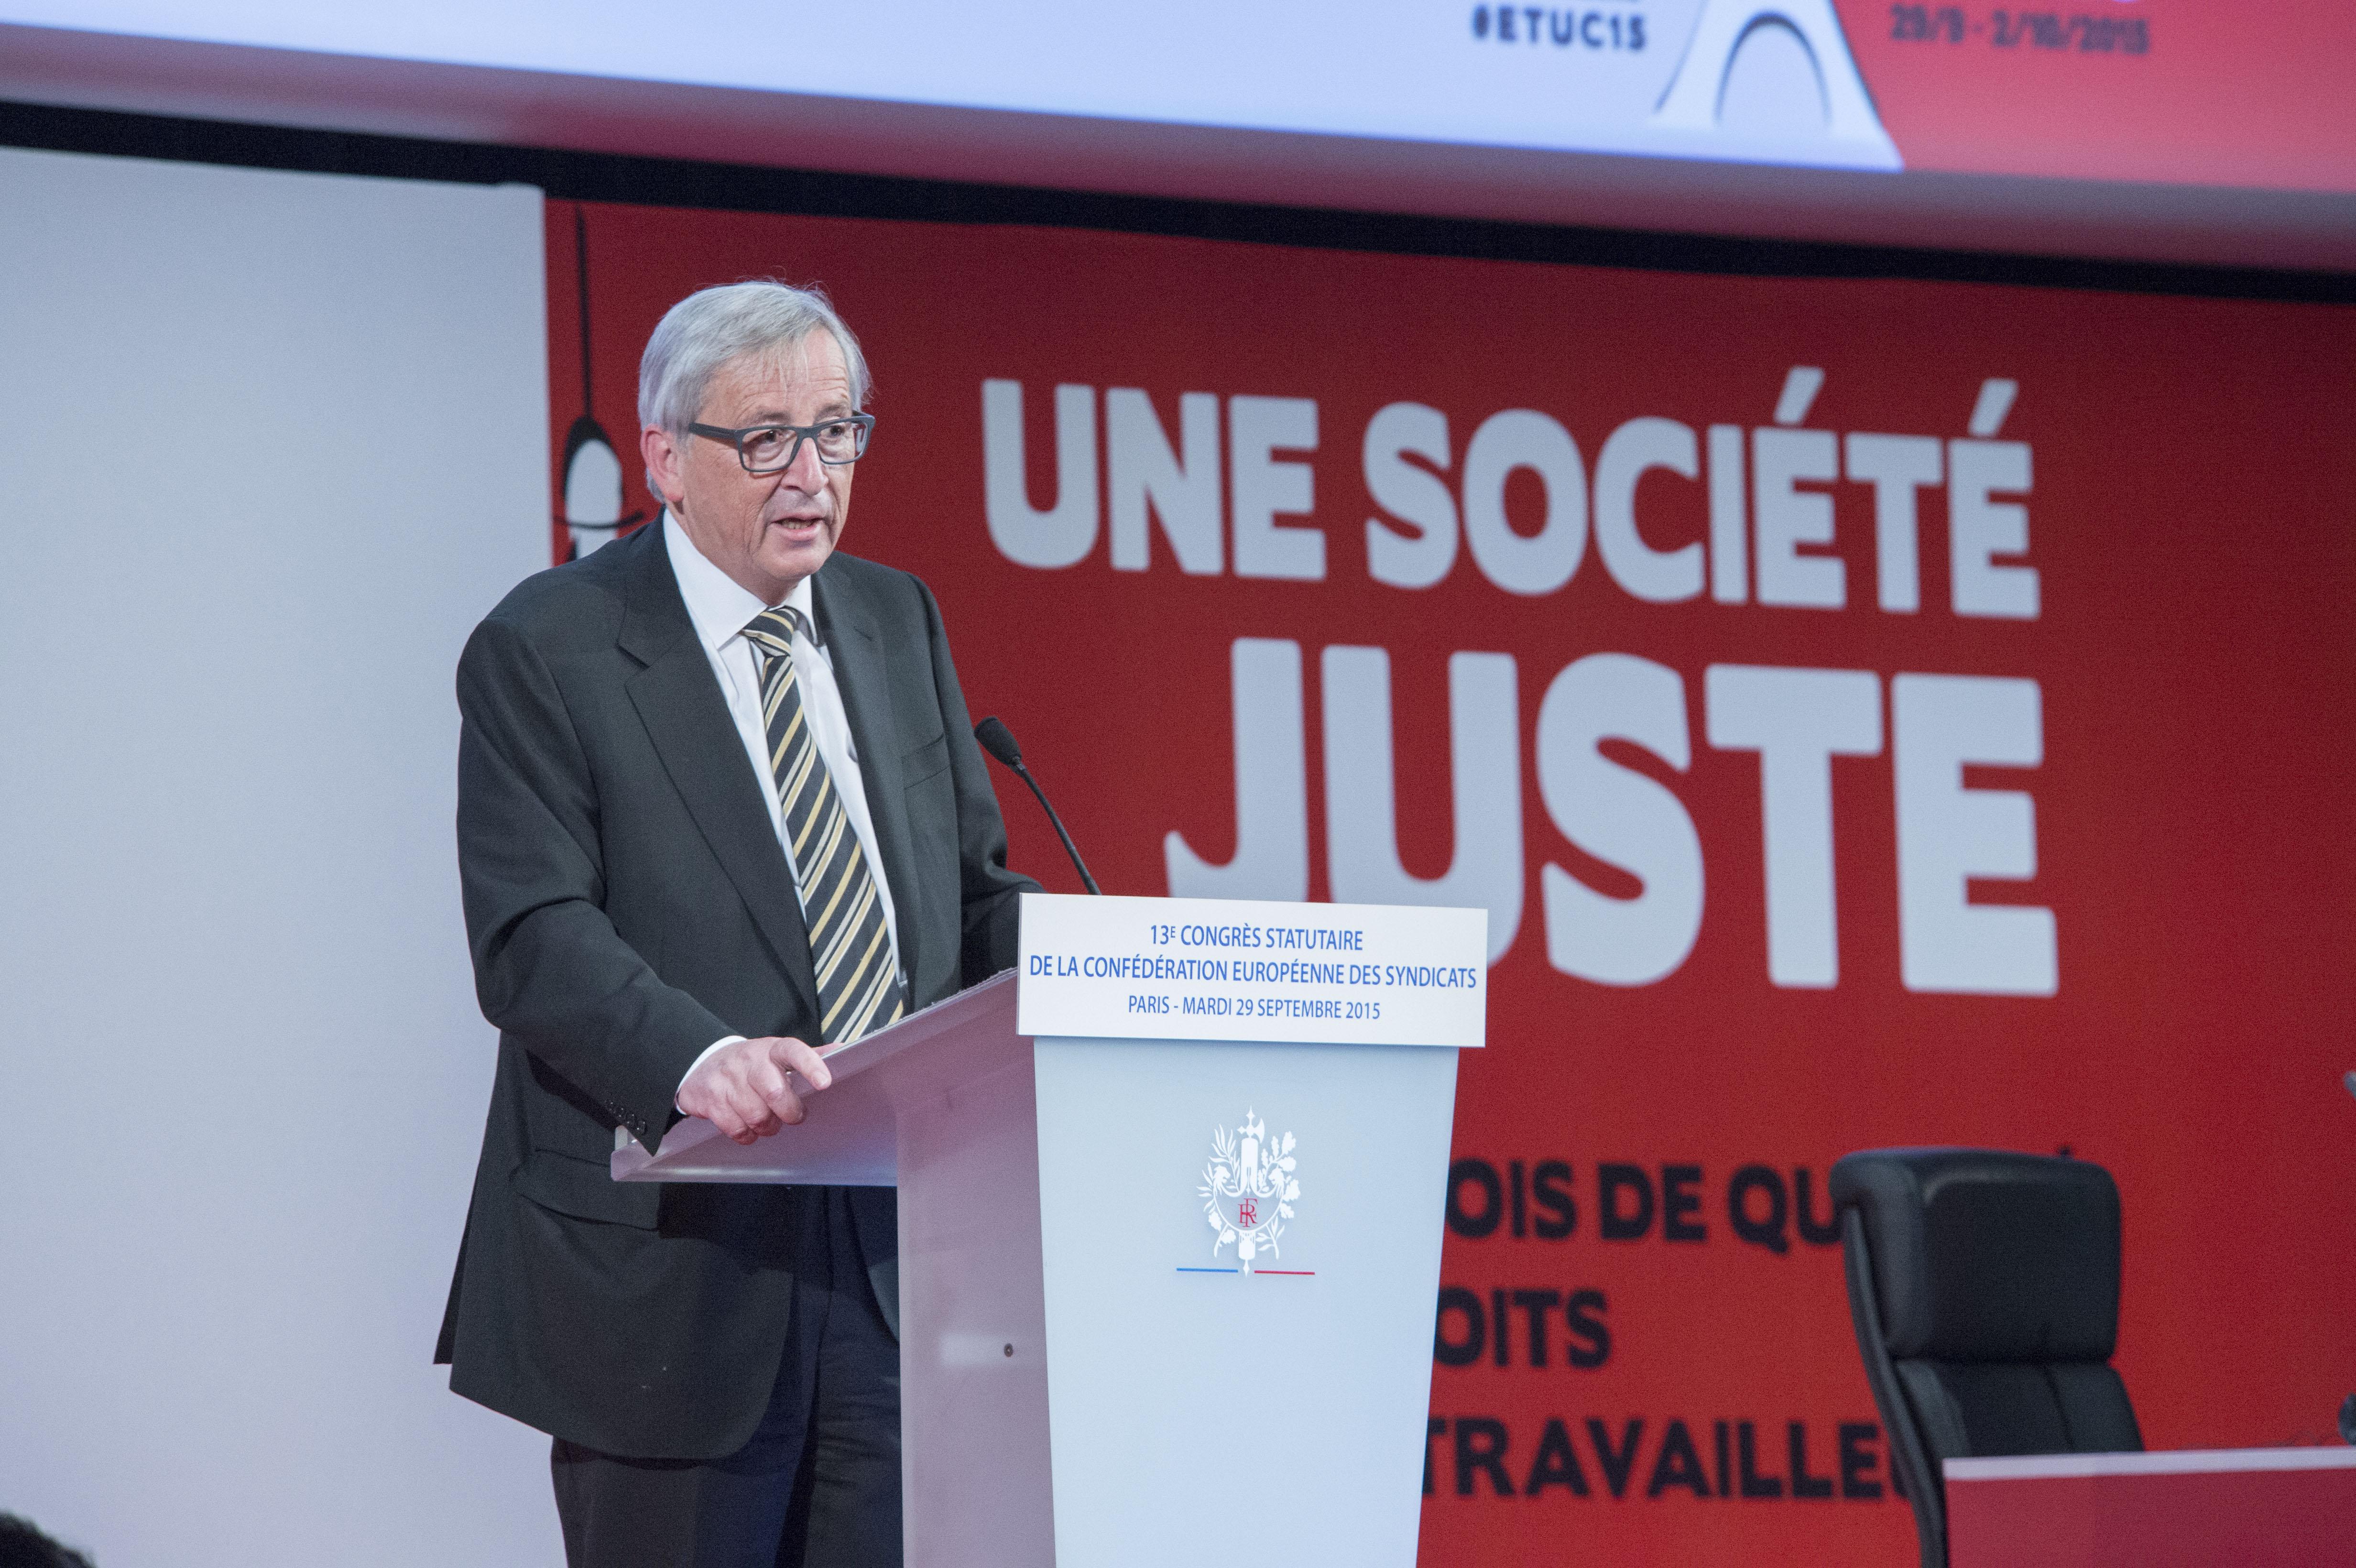 Jean-Claude Juncker au congrès de la Fédération européenne des syndicats, le 29/09/15